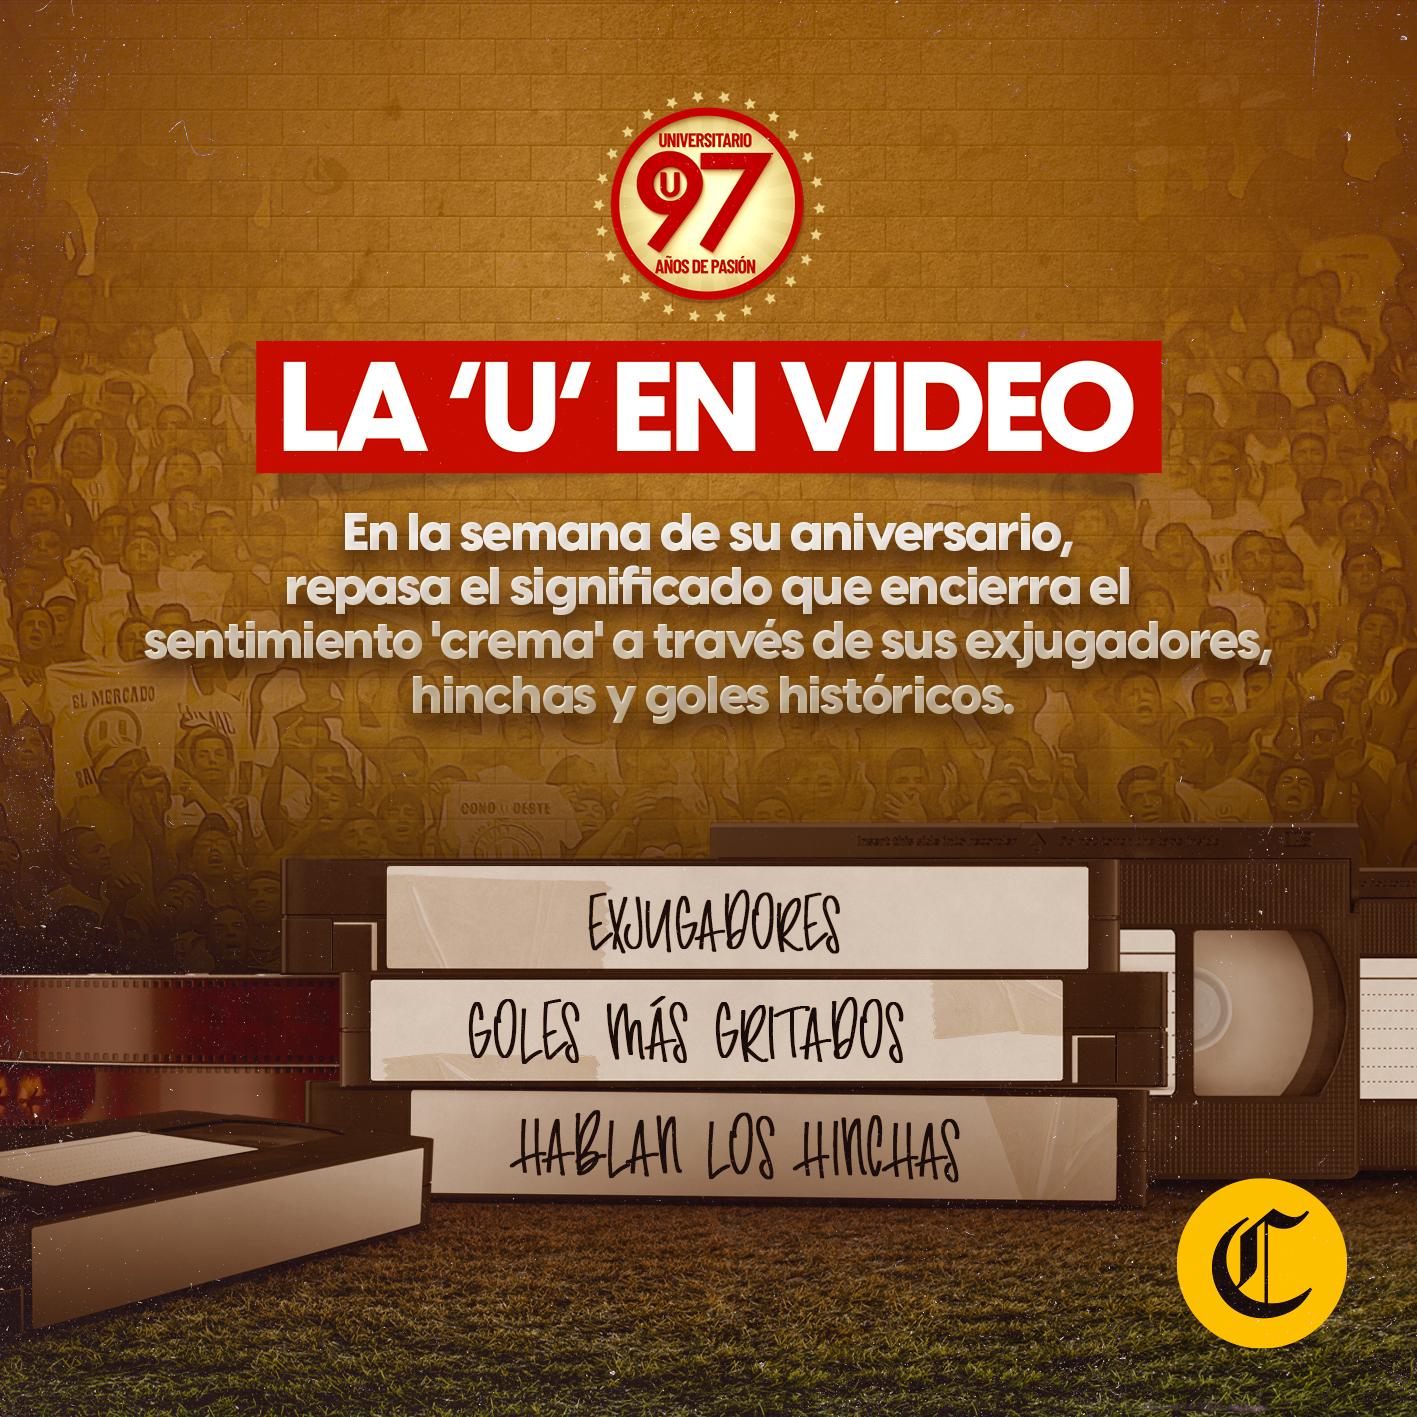 La historia de Universitario en videos